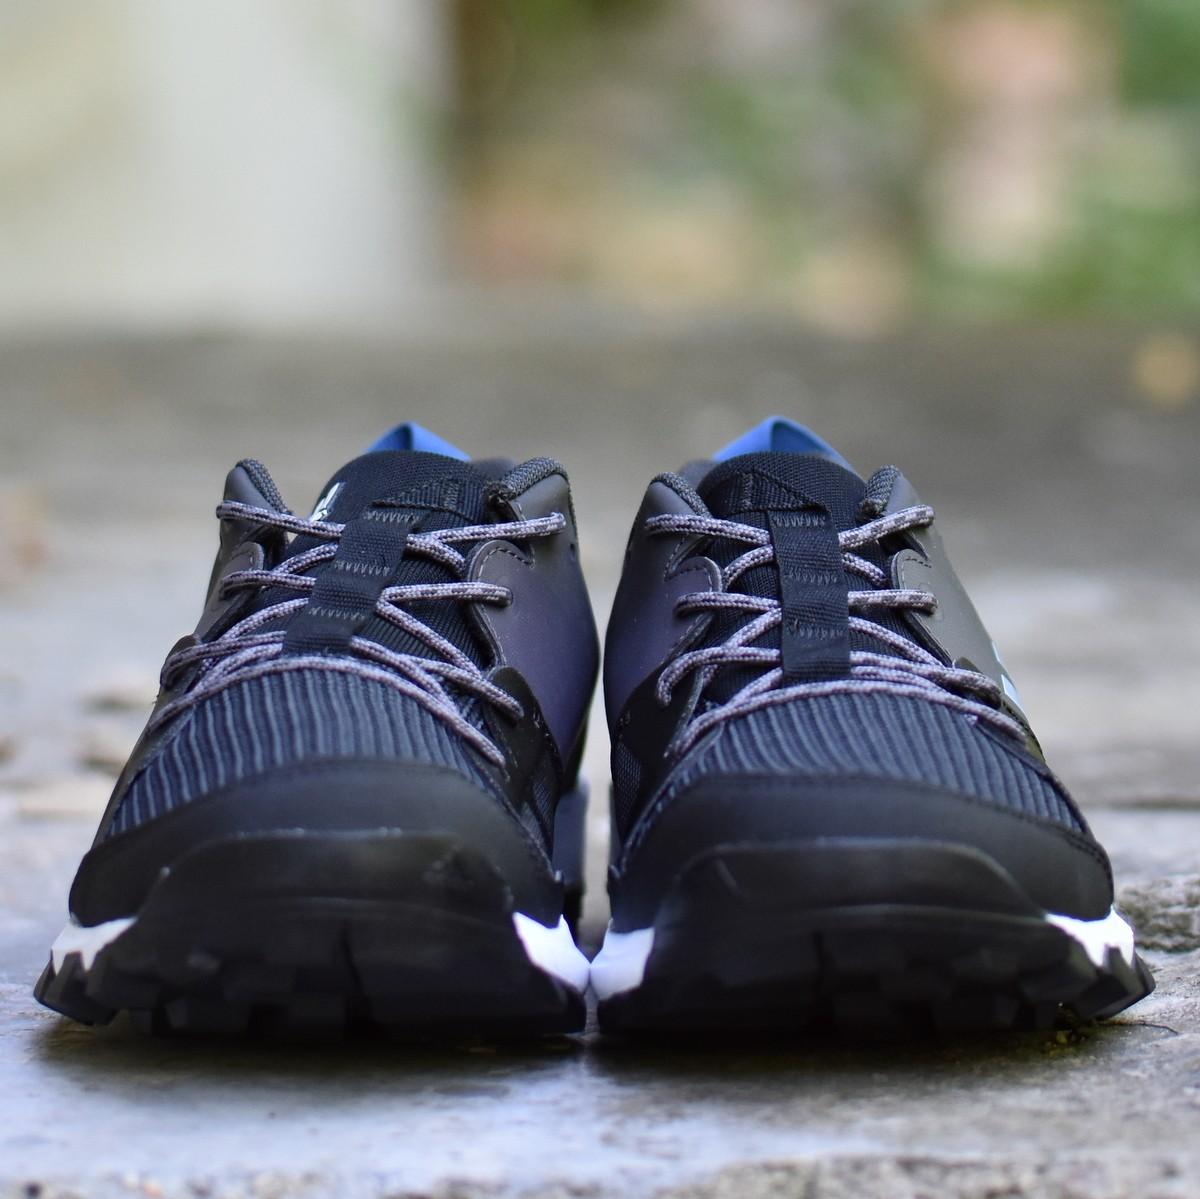 a208e5910 FORSIZE.SK | Kanadia 8 tr m Pánske topánky